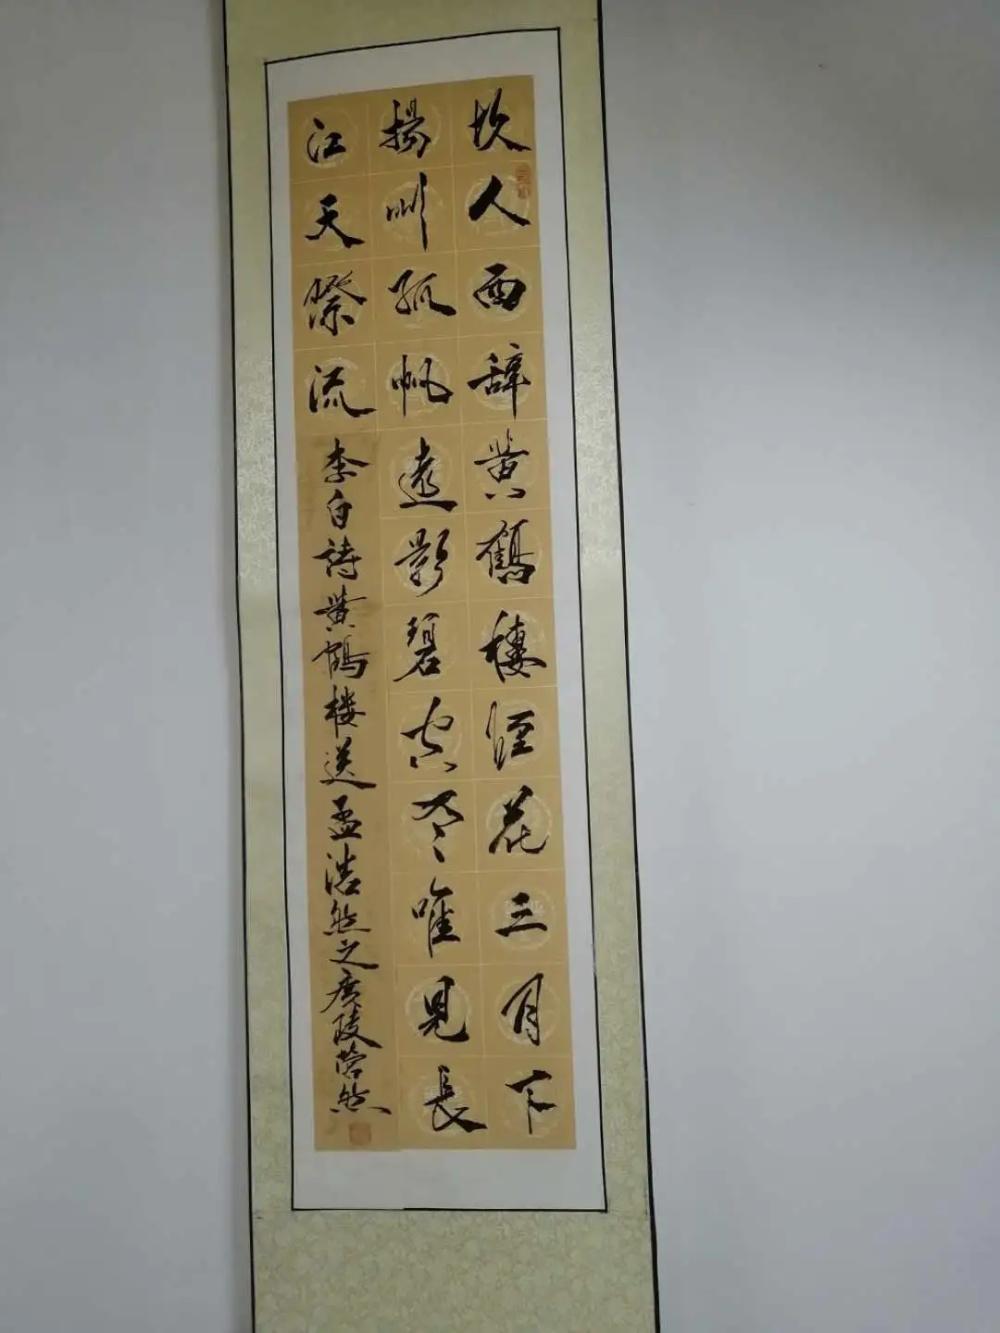 中国现代书画家——孙芹、方营然、许孔勉、薛天佑-第6张